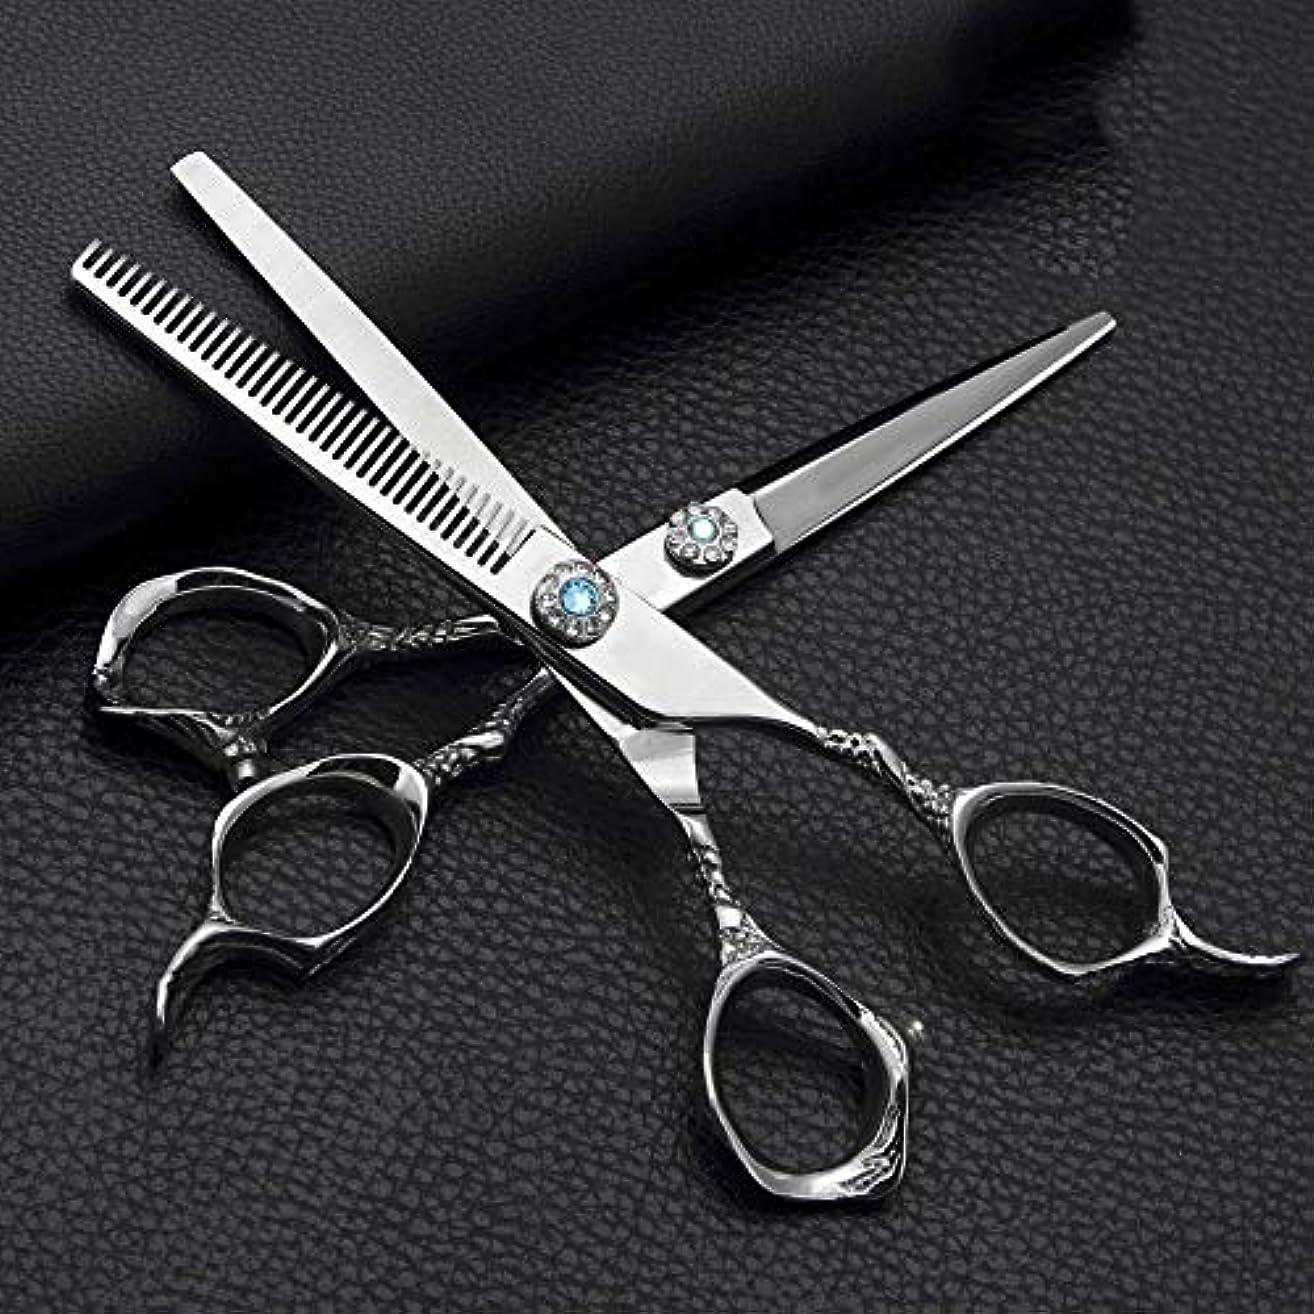 シャーロックホームズ罪人調整するGoodsok-jp 6.0インチの理髪はさみ、ステンレス鋼の平らなせん断の歯のはさみの理髪のはさみセット (色 : Silver)